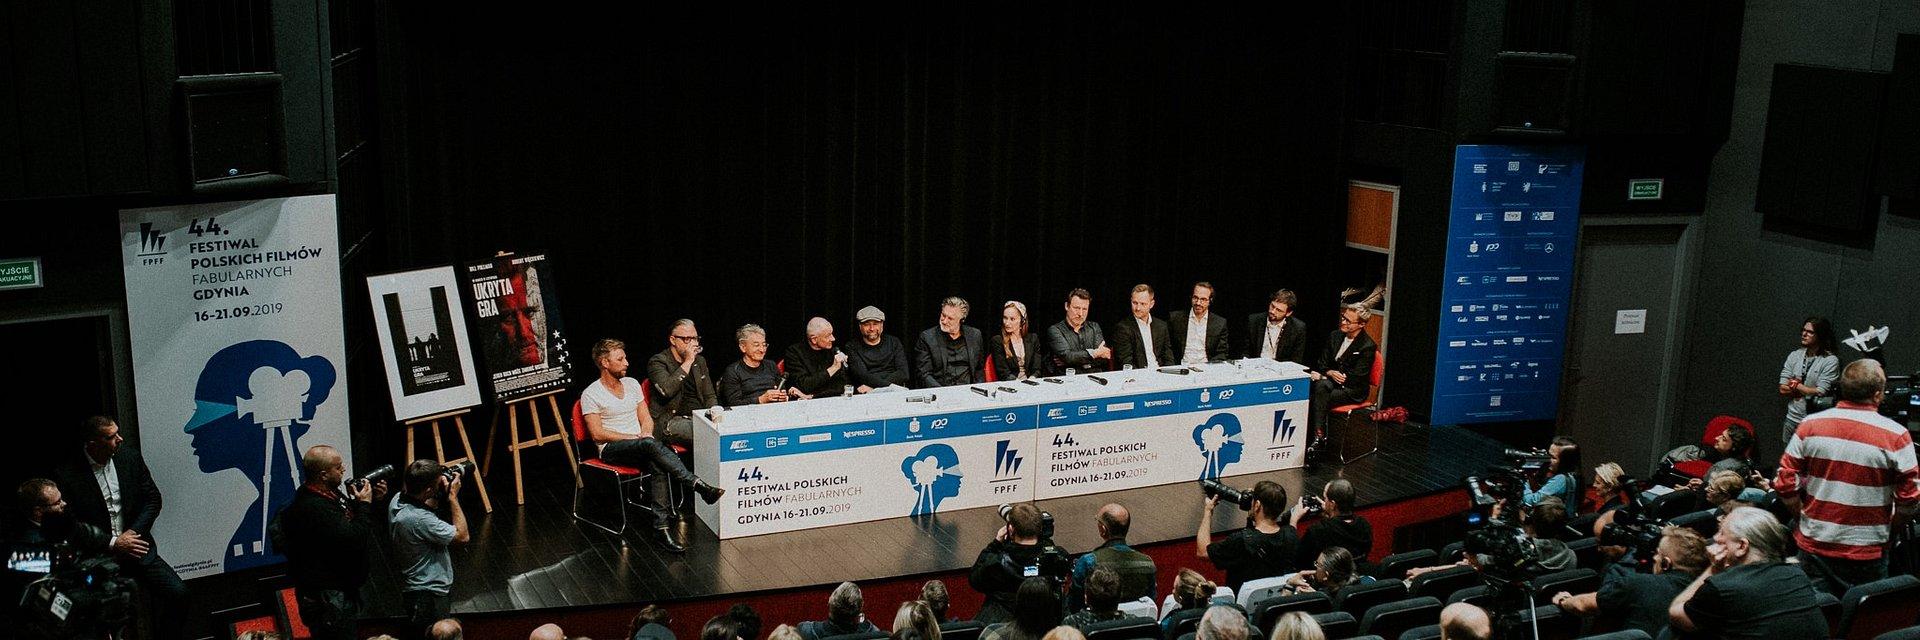 """Dwie nagrody dla filmu """"Ukryta gra"""" na 44. Festiwalu Polskich Filmów Fabularnych w Gdyni"""